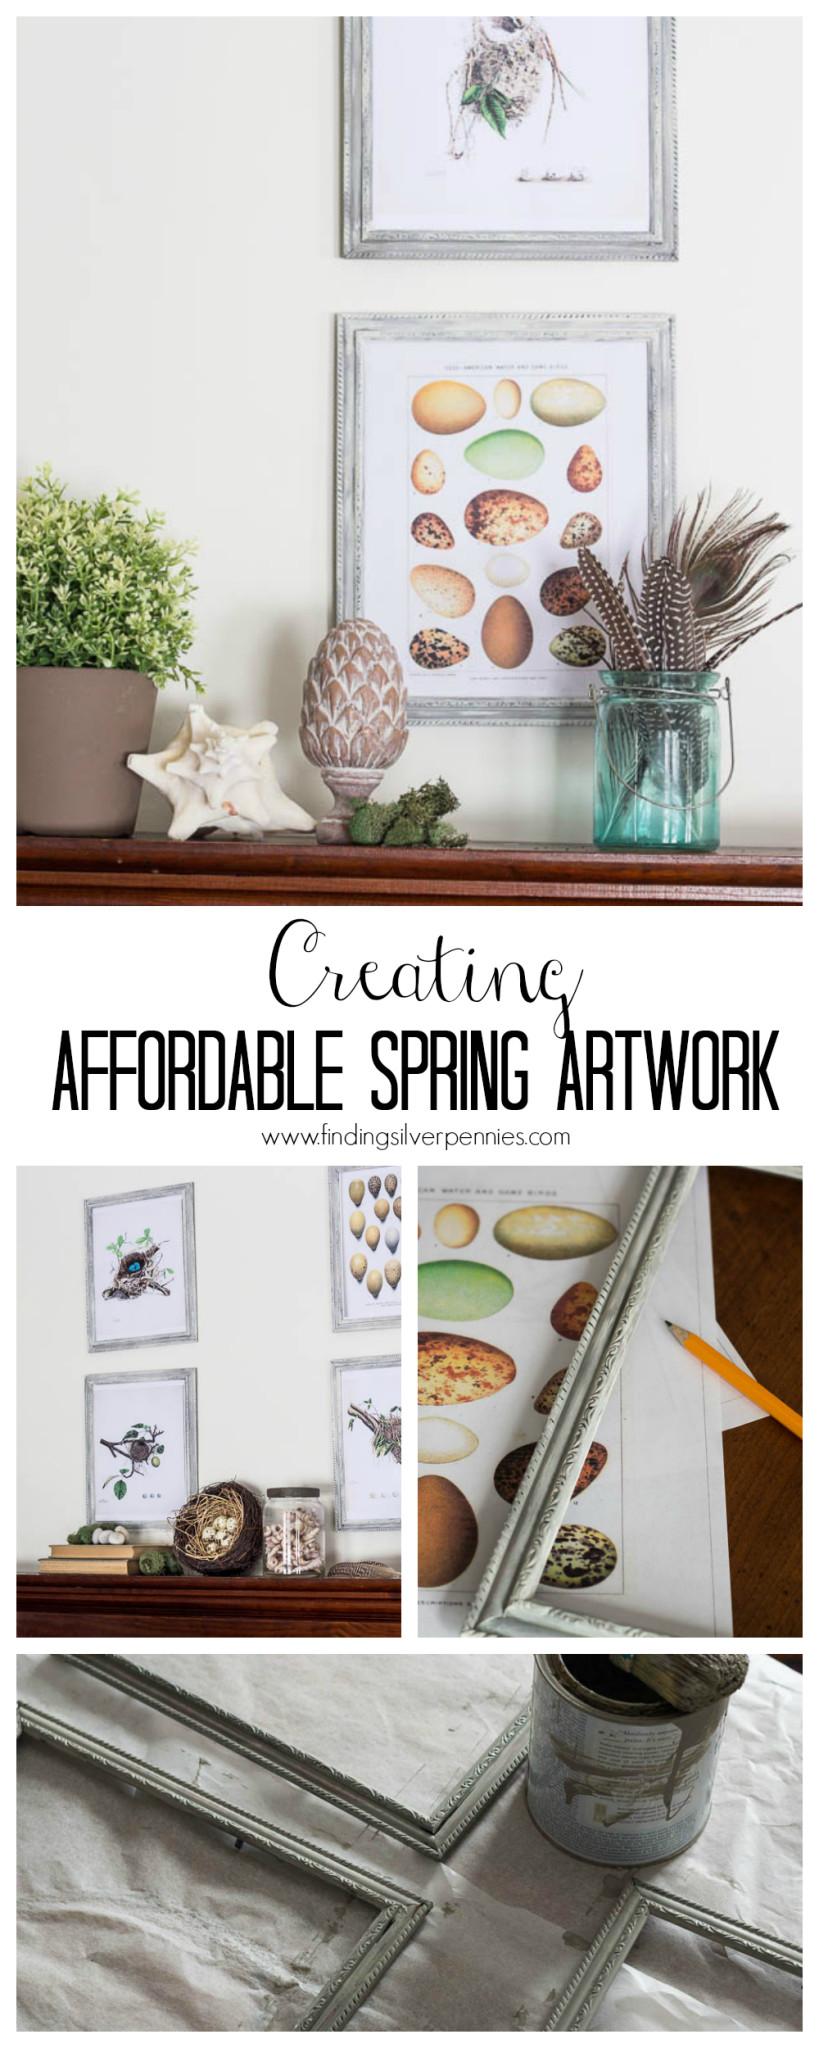 Creating Affordable Spring Artwork